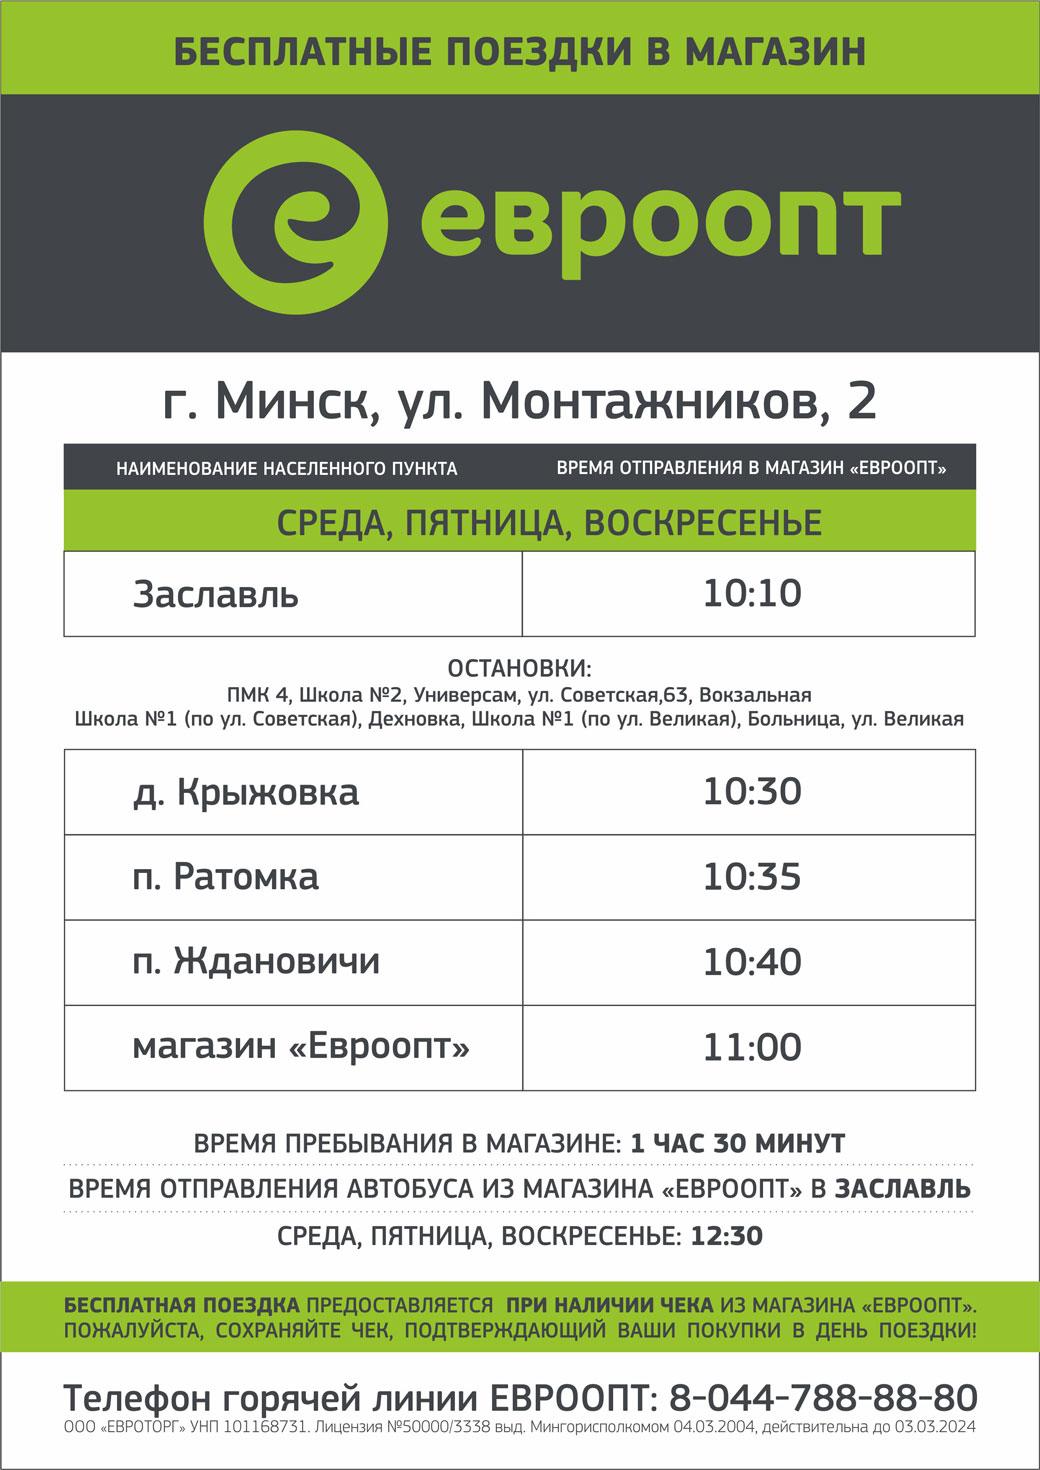 Расписание автобусов Евроопт из Заславля